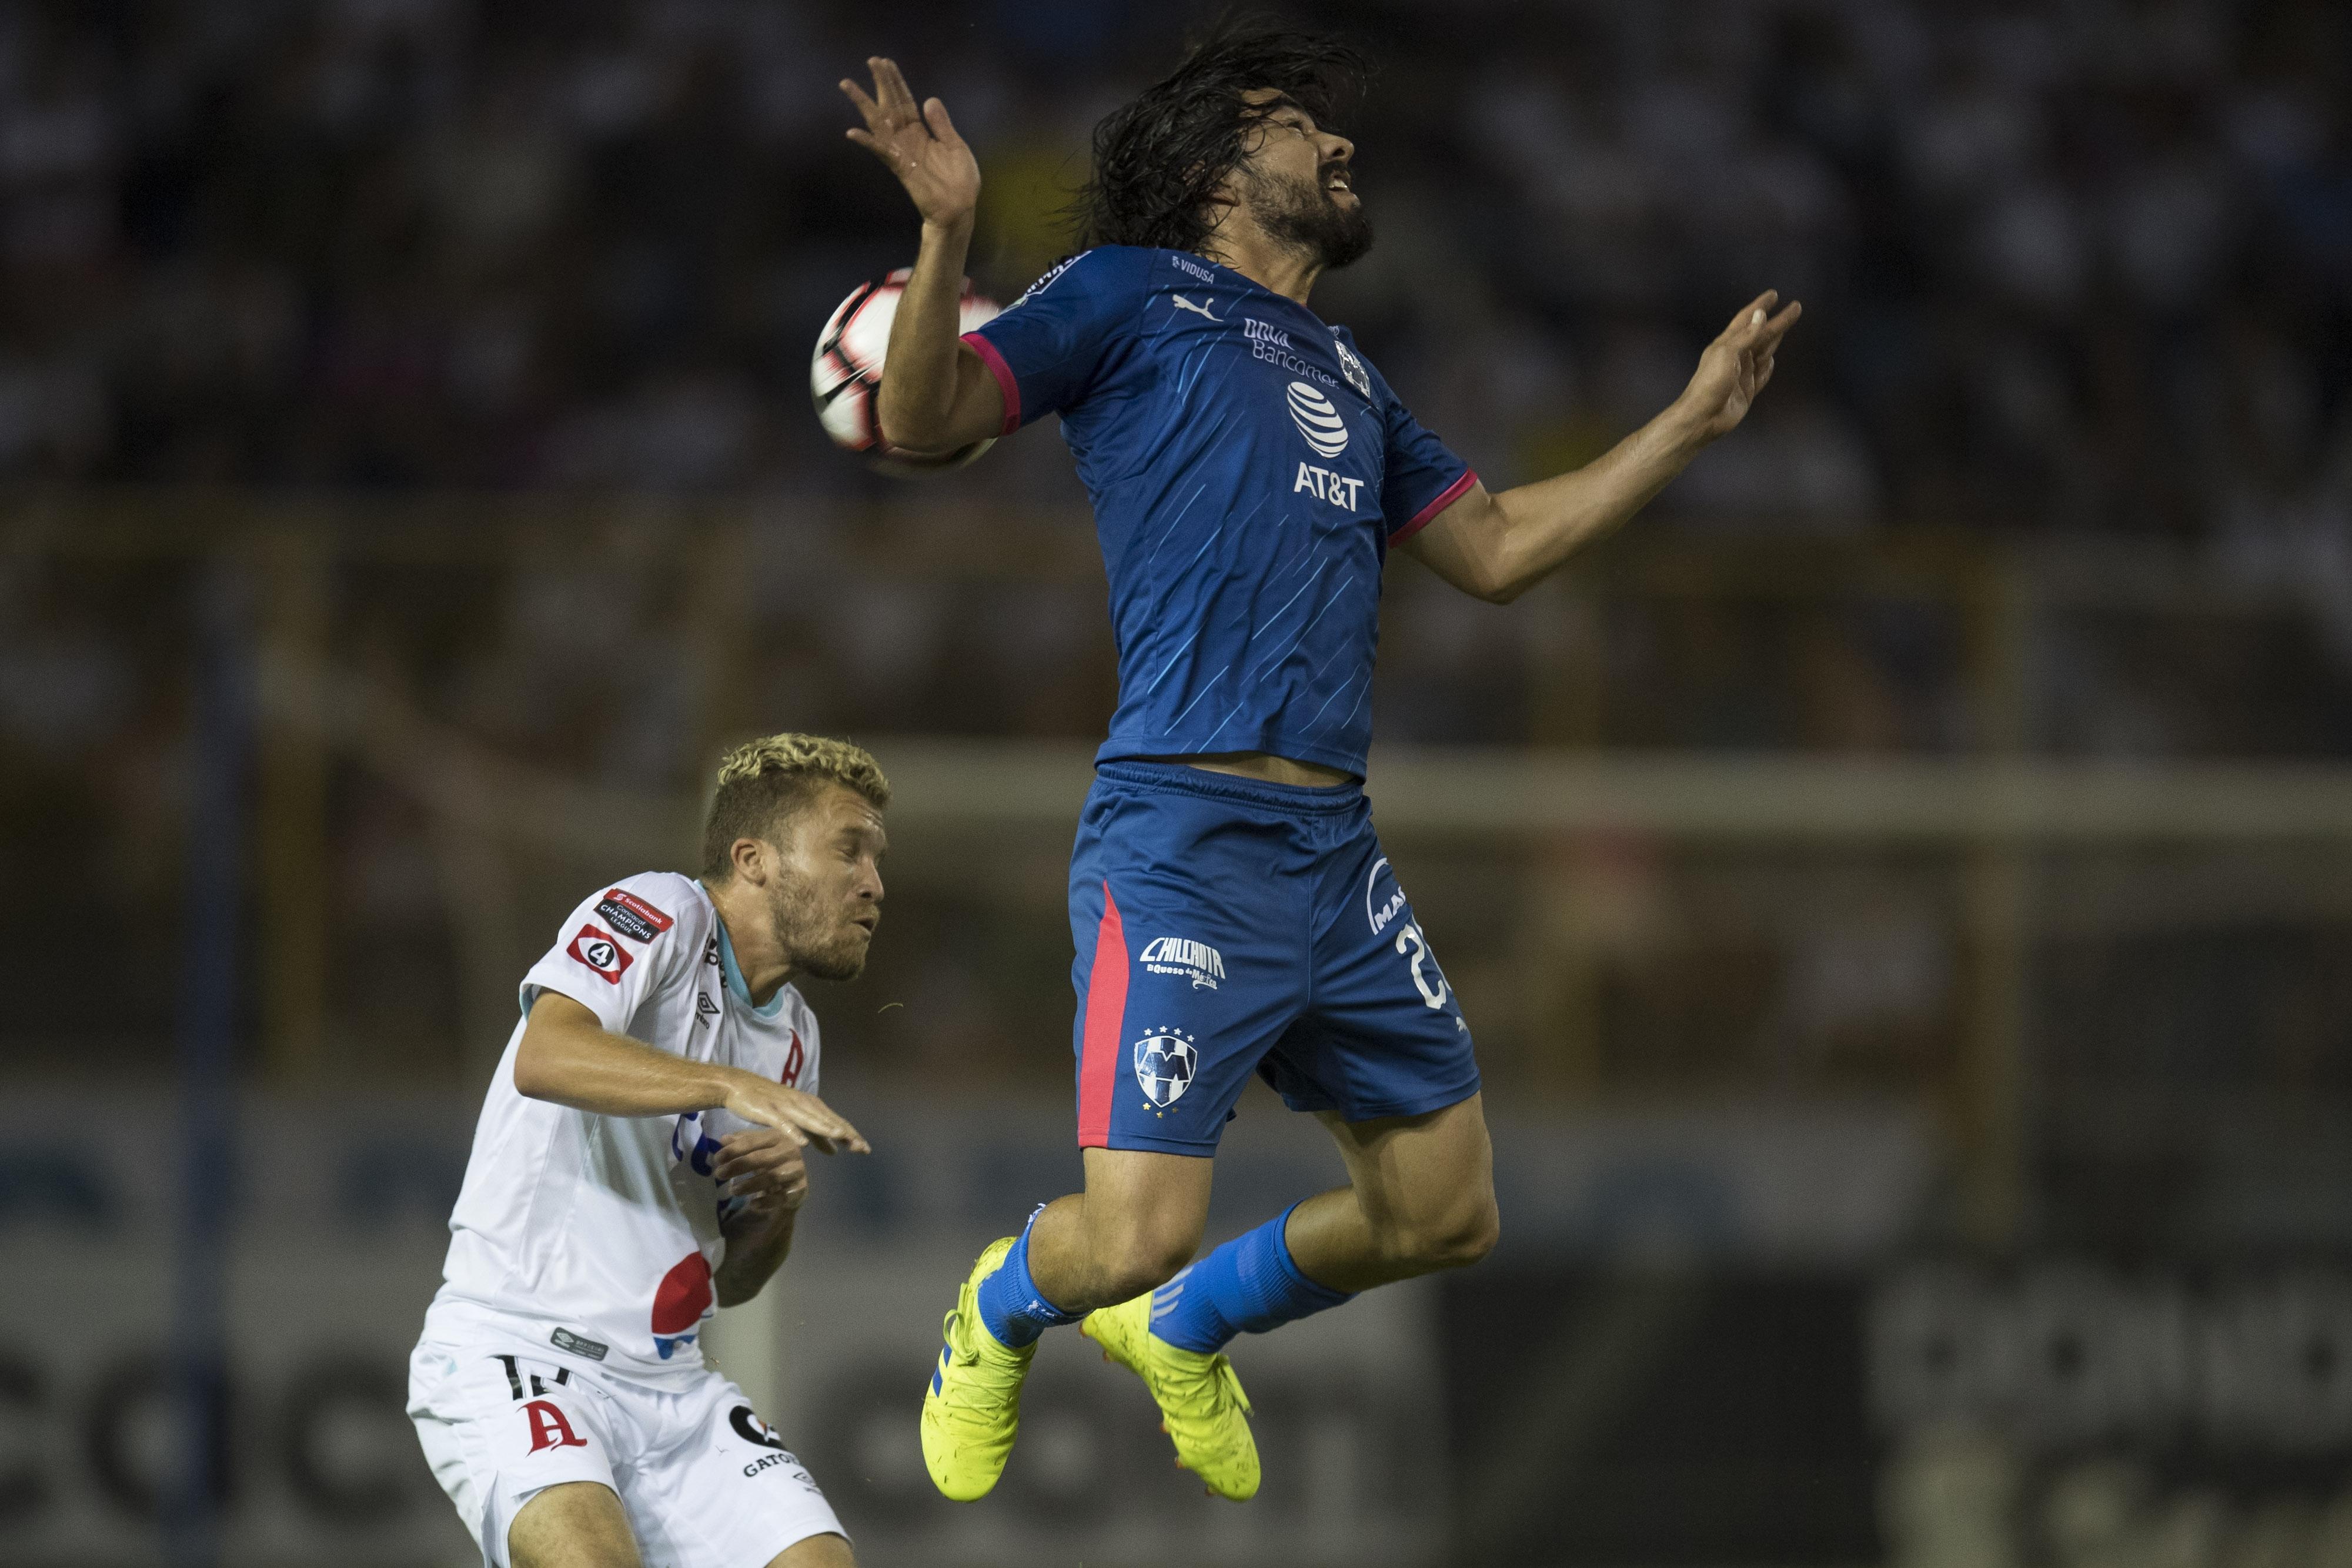 En fotos: Rayados, con carro completo, no le hace ni un rasguño al Alianza en Liga Campeones